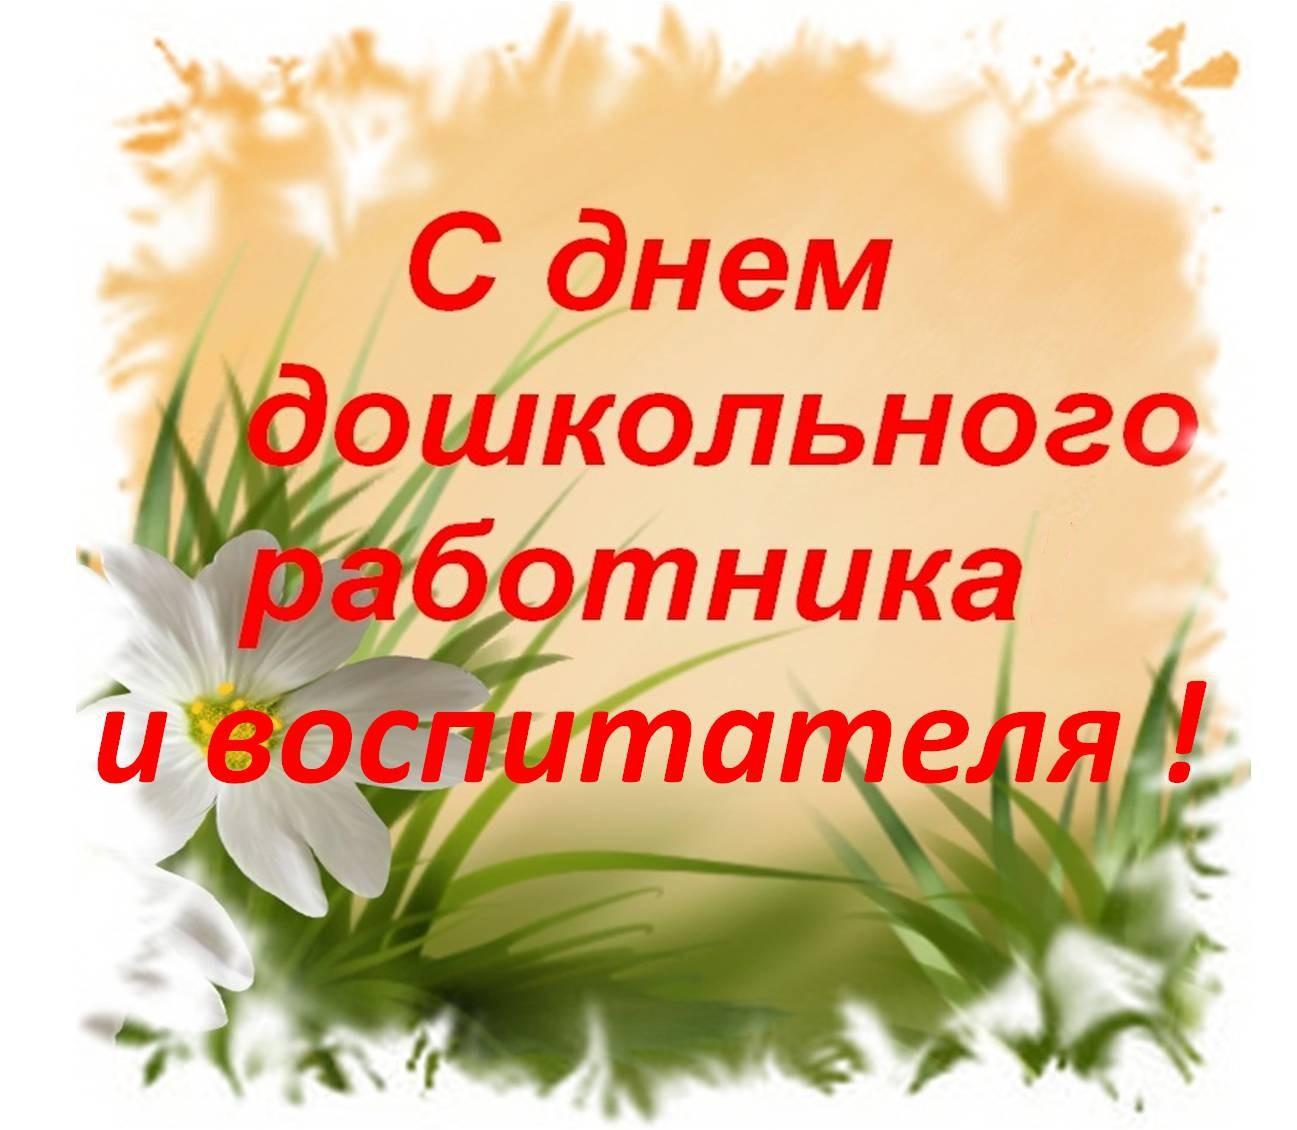 День работников дошкольных учреждений поздравления